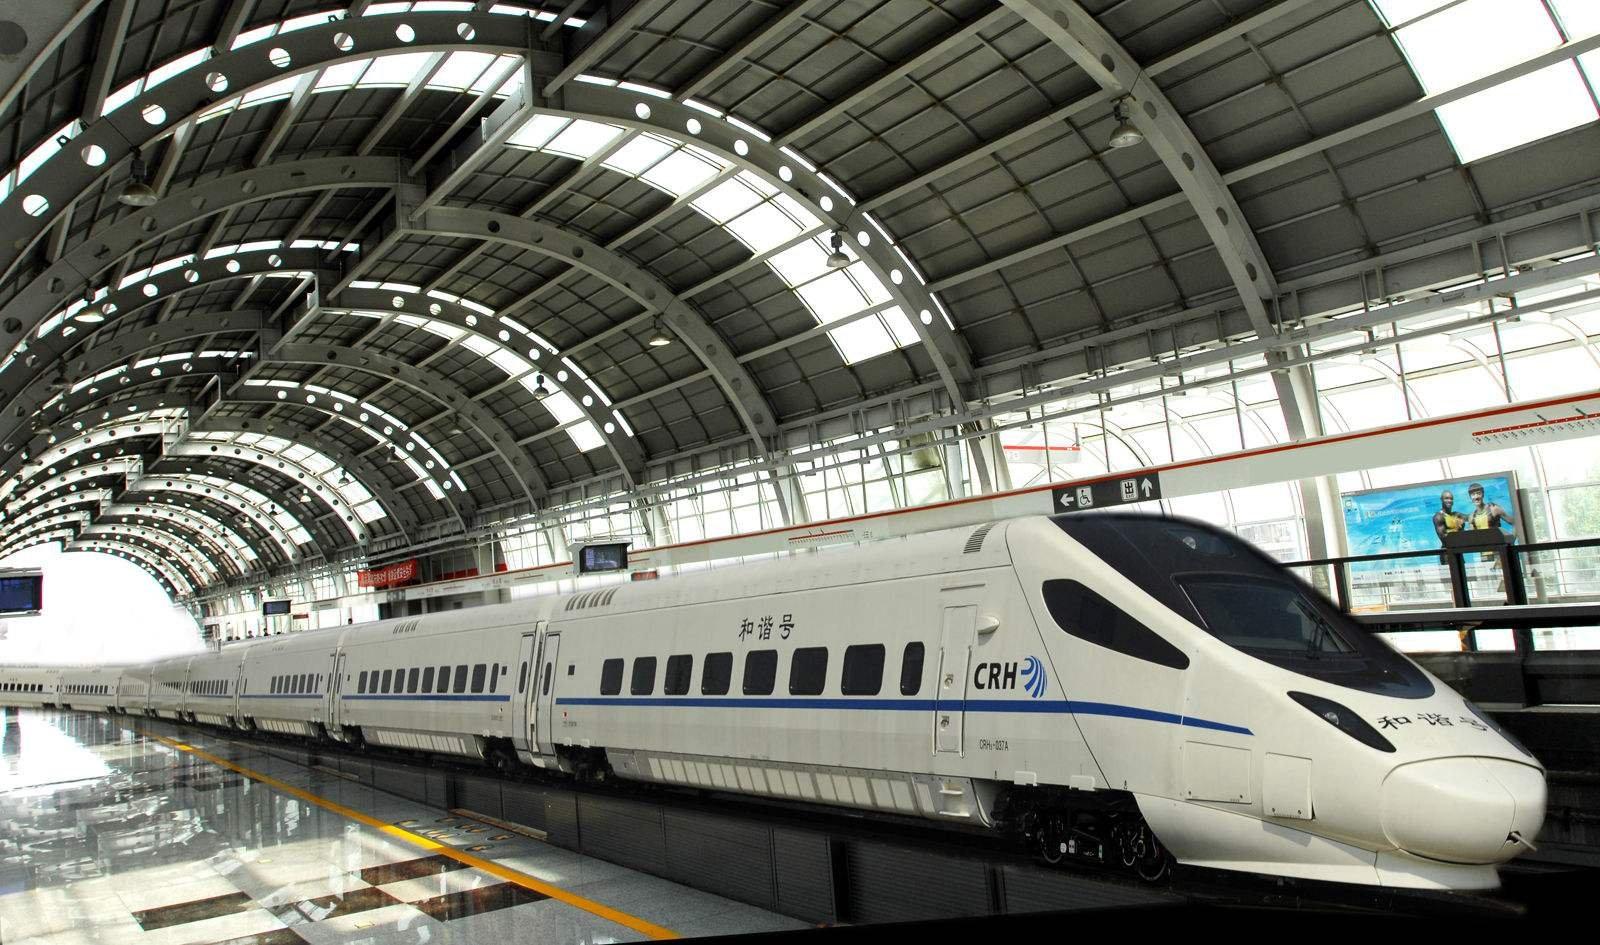 铁总:新列车运行图9月实施